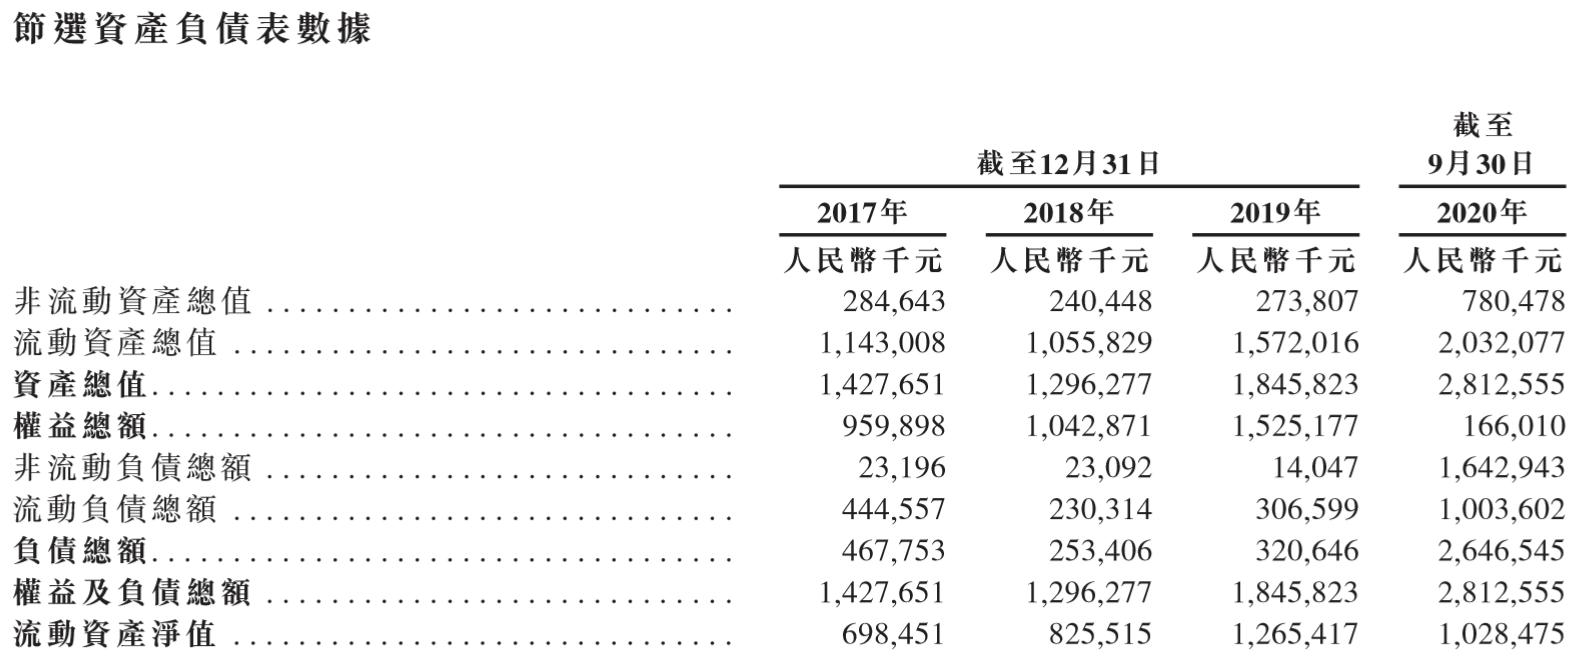 赛生药业-资产负债表.png